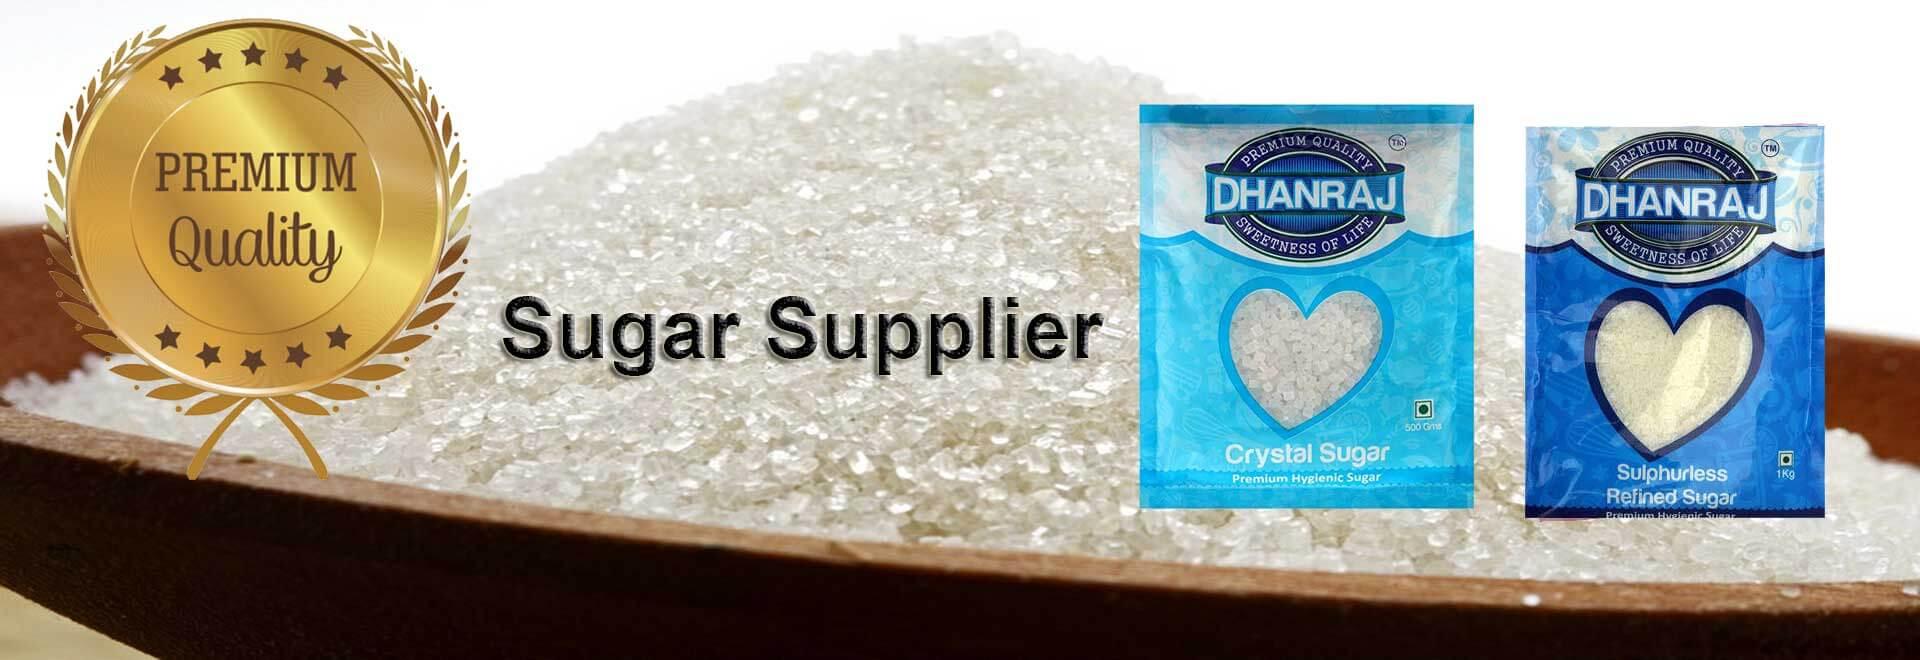 Sugar Supplier in Gujarat, India